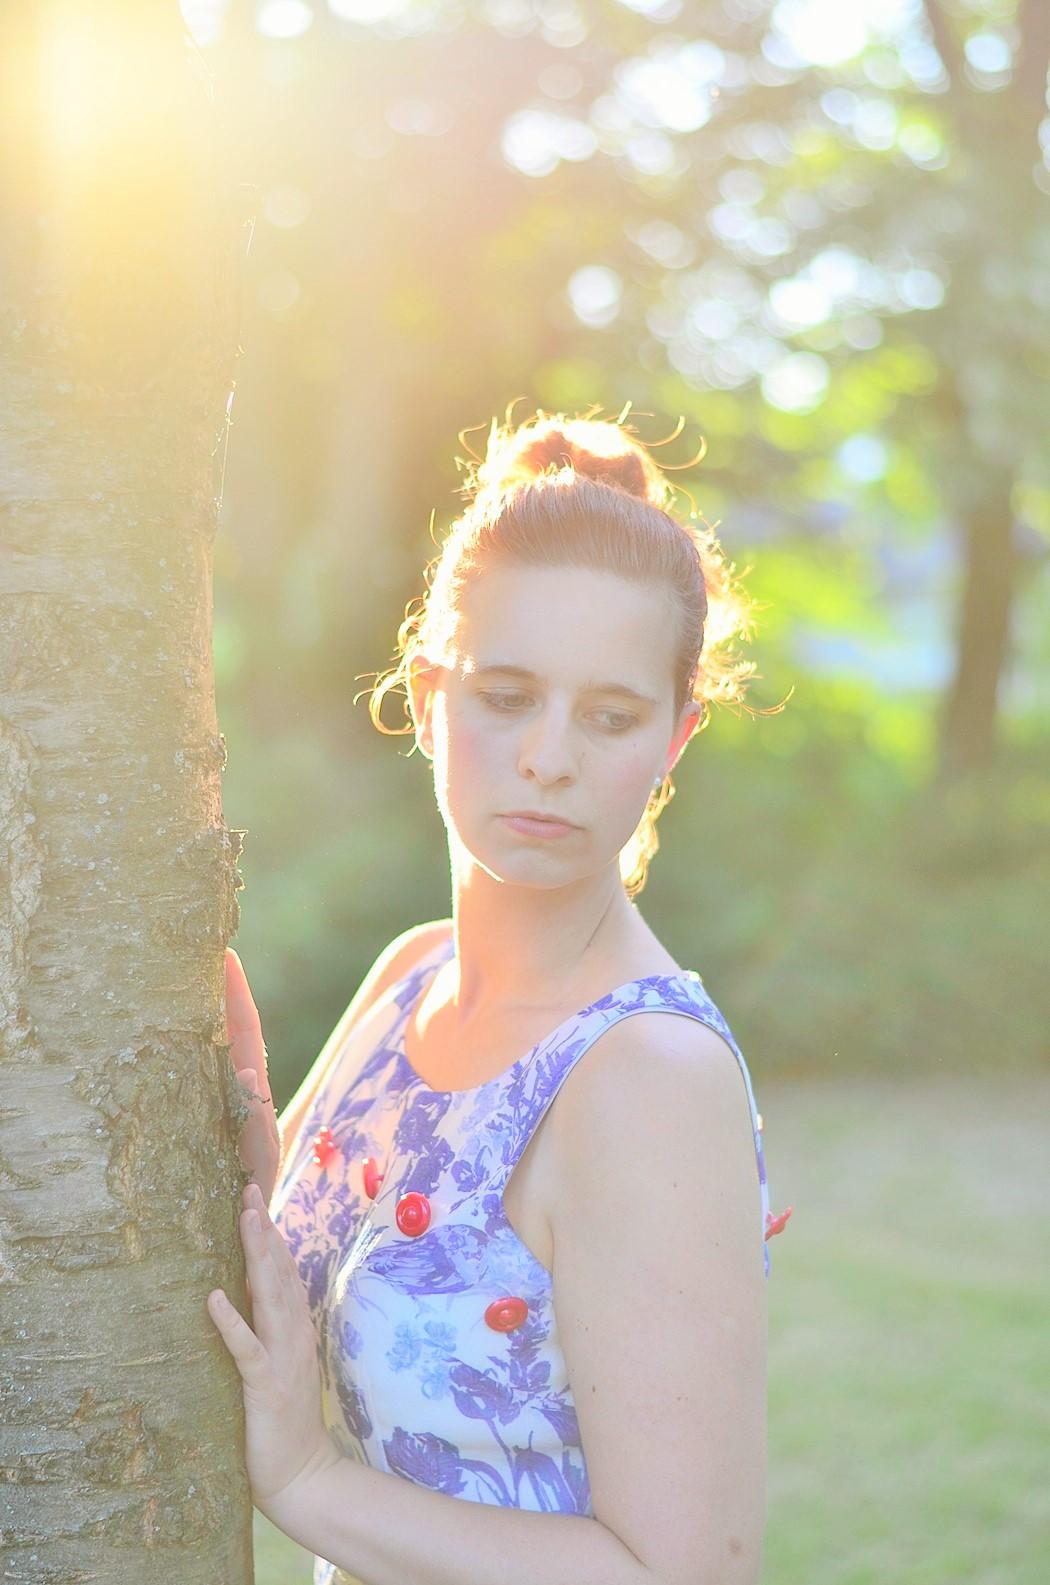 Alice's Pig-Kleid-Maxikleid_Alices Pig_Kleid von Alice's Pig-blaues Maxikleid-Gegenlicht Fotografie-Sonnenuntergang-Natur-barfuß-Annanikabu-1 (7)